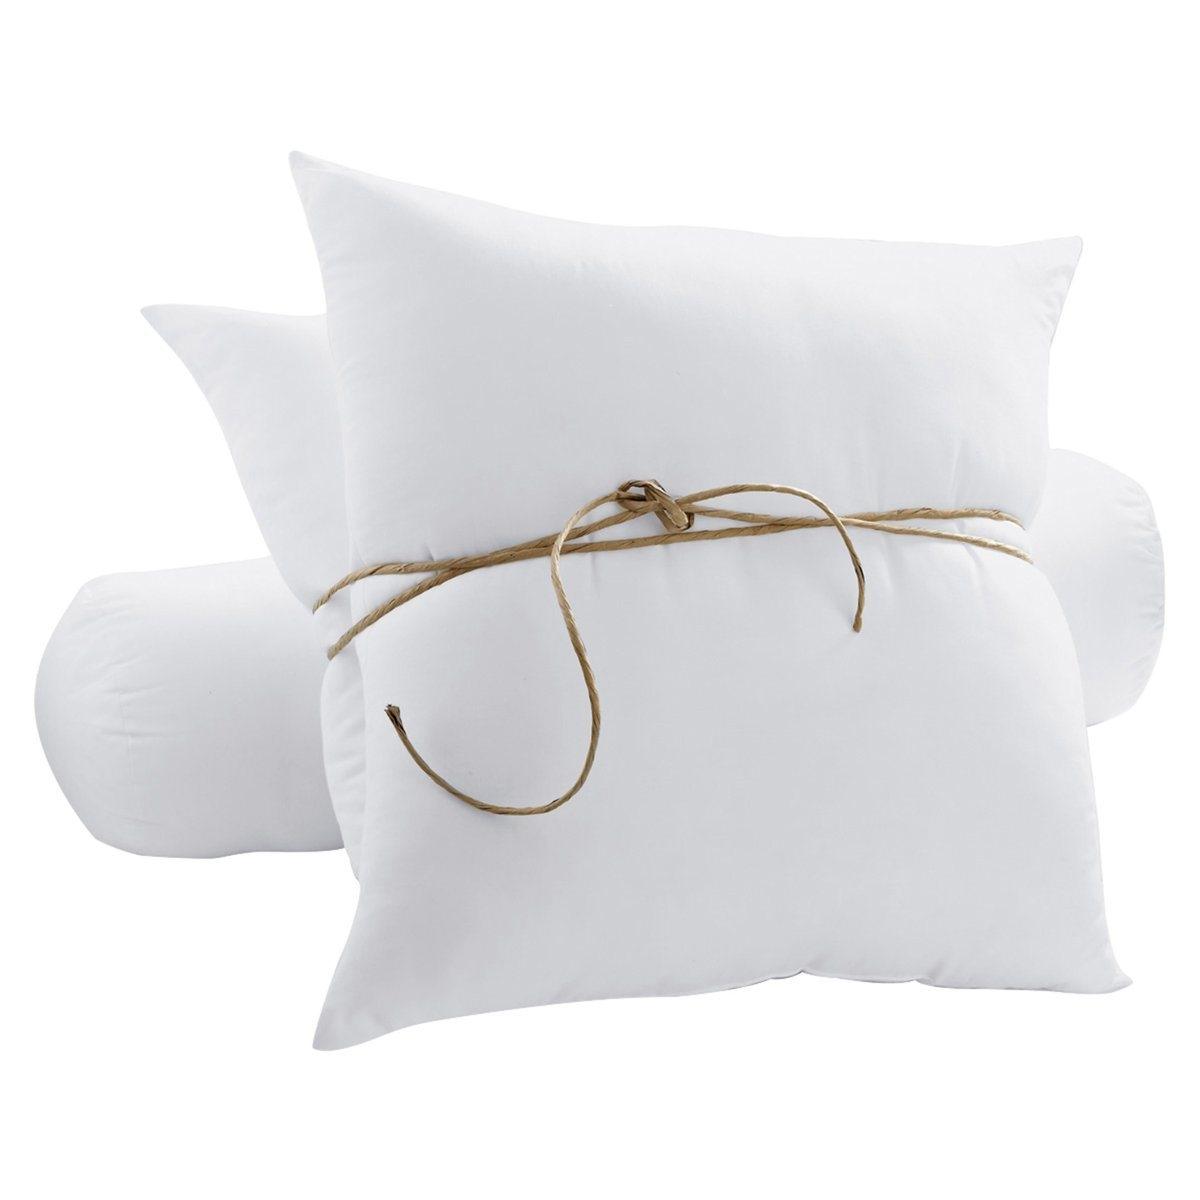 Подушка из синтетики с обработкойУпругая подушка. Превосходное соотношение цена/качество! Чехол из 100% полиэстера. Наполнитель: полые силиконизированные волокна полиэстера с обработкой SANITIZED против клещей не препятствуют циркуляции воздуха и предупреждают скопление влаги. Стирка при 40°.<br><br>Цвет: белый<br>Размер: 2 x 60x60 см